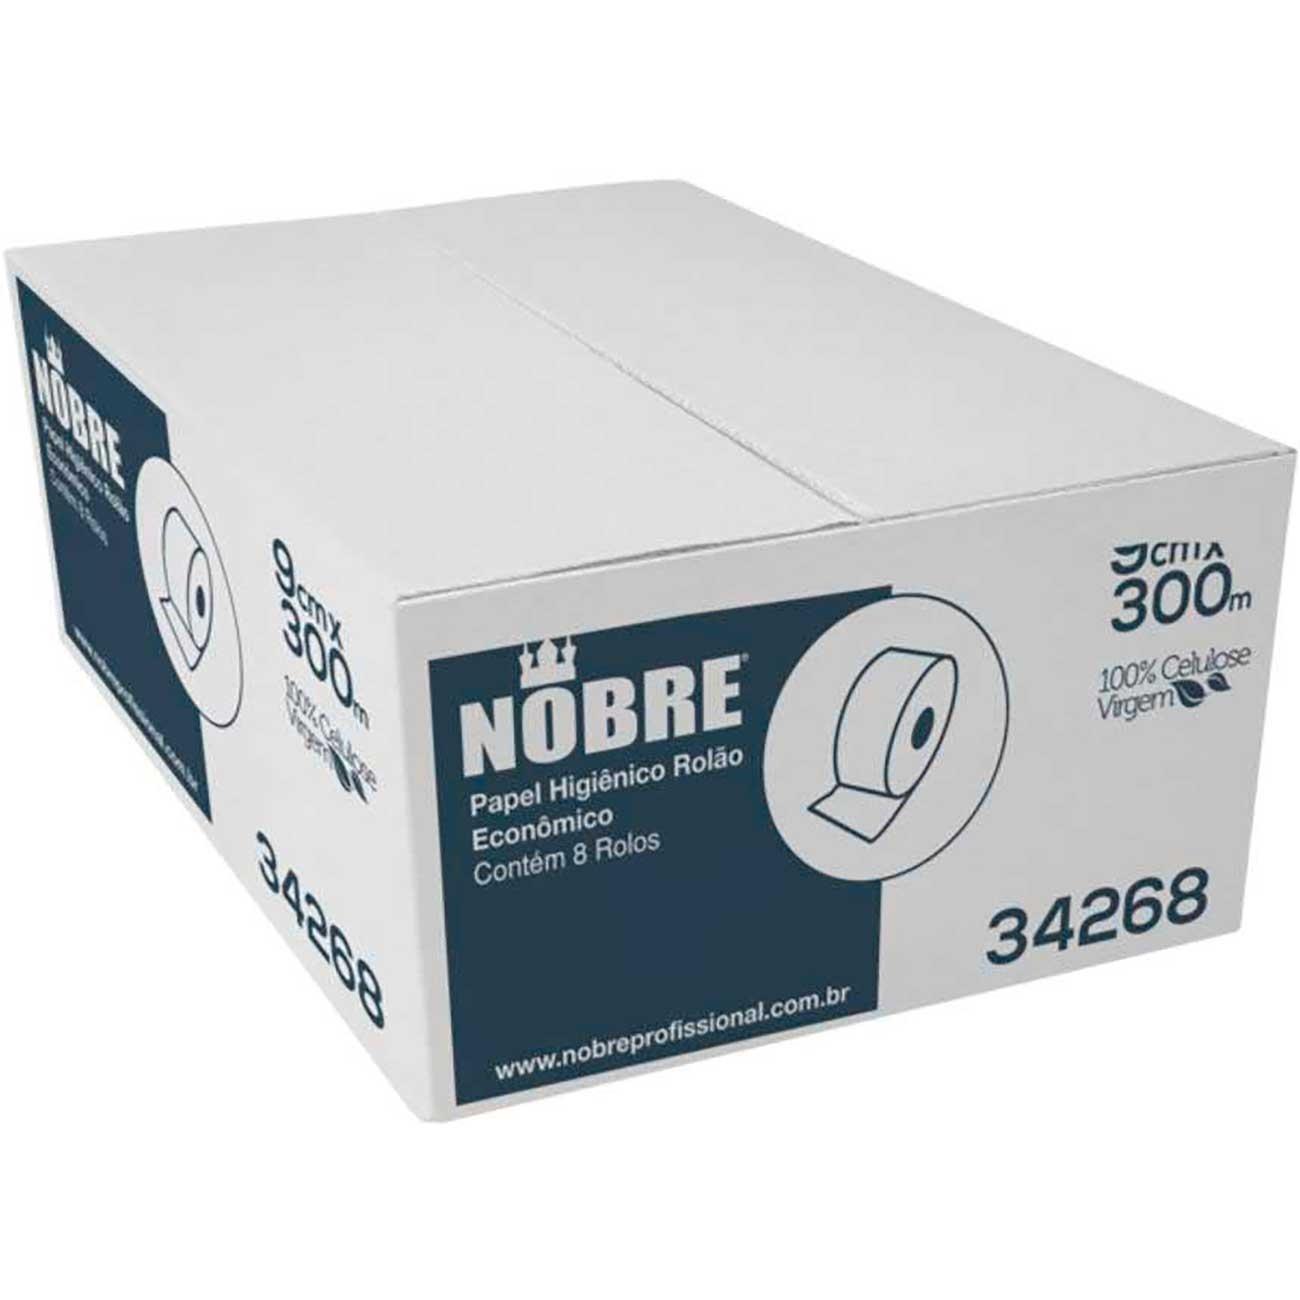 Papel Higi�nico Rol�o Nobre 100%Celulose 9cm x 300m | Caixa com 8 unidades